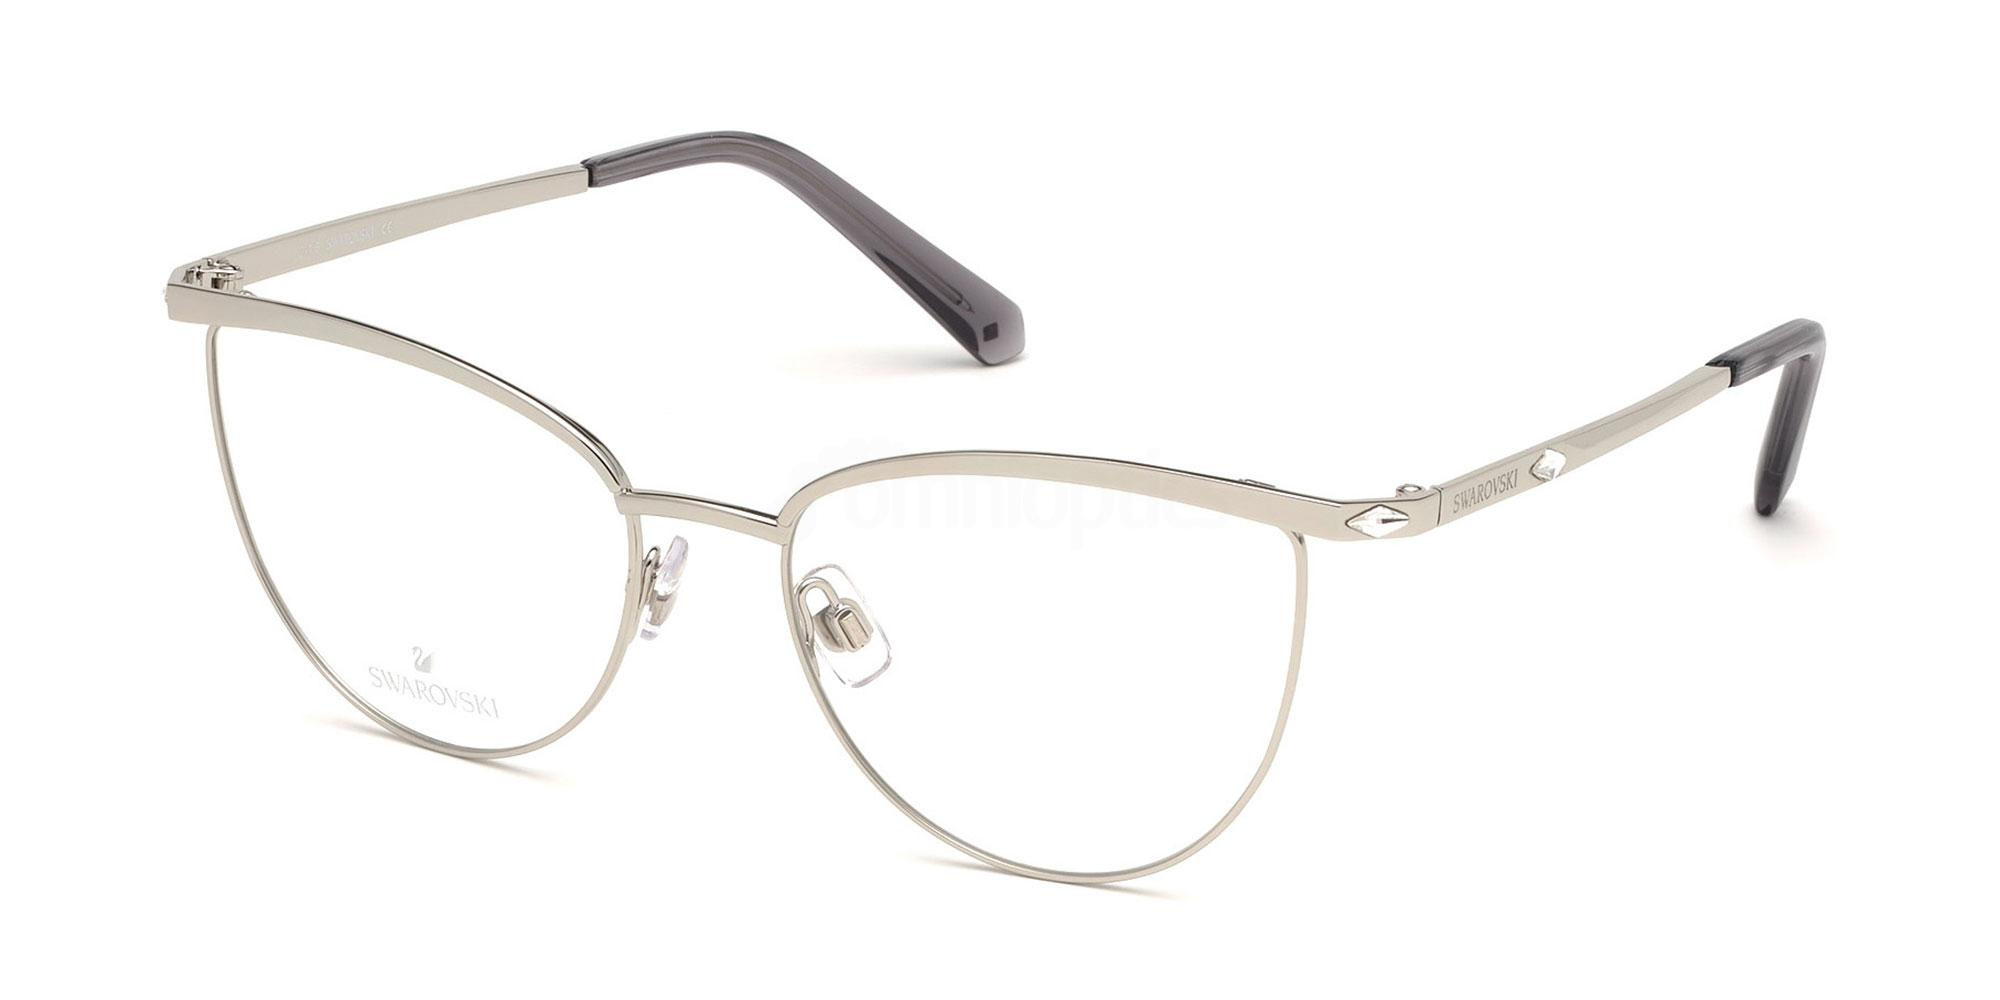 016 SK5288 Glasses, Swarovski